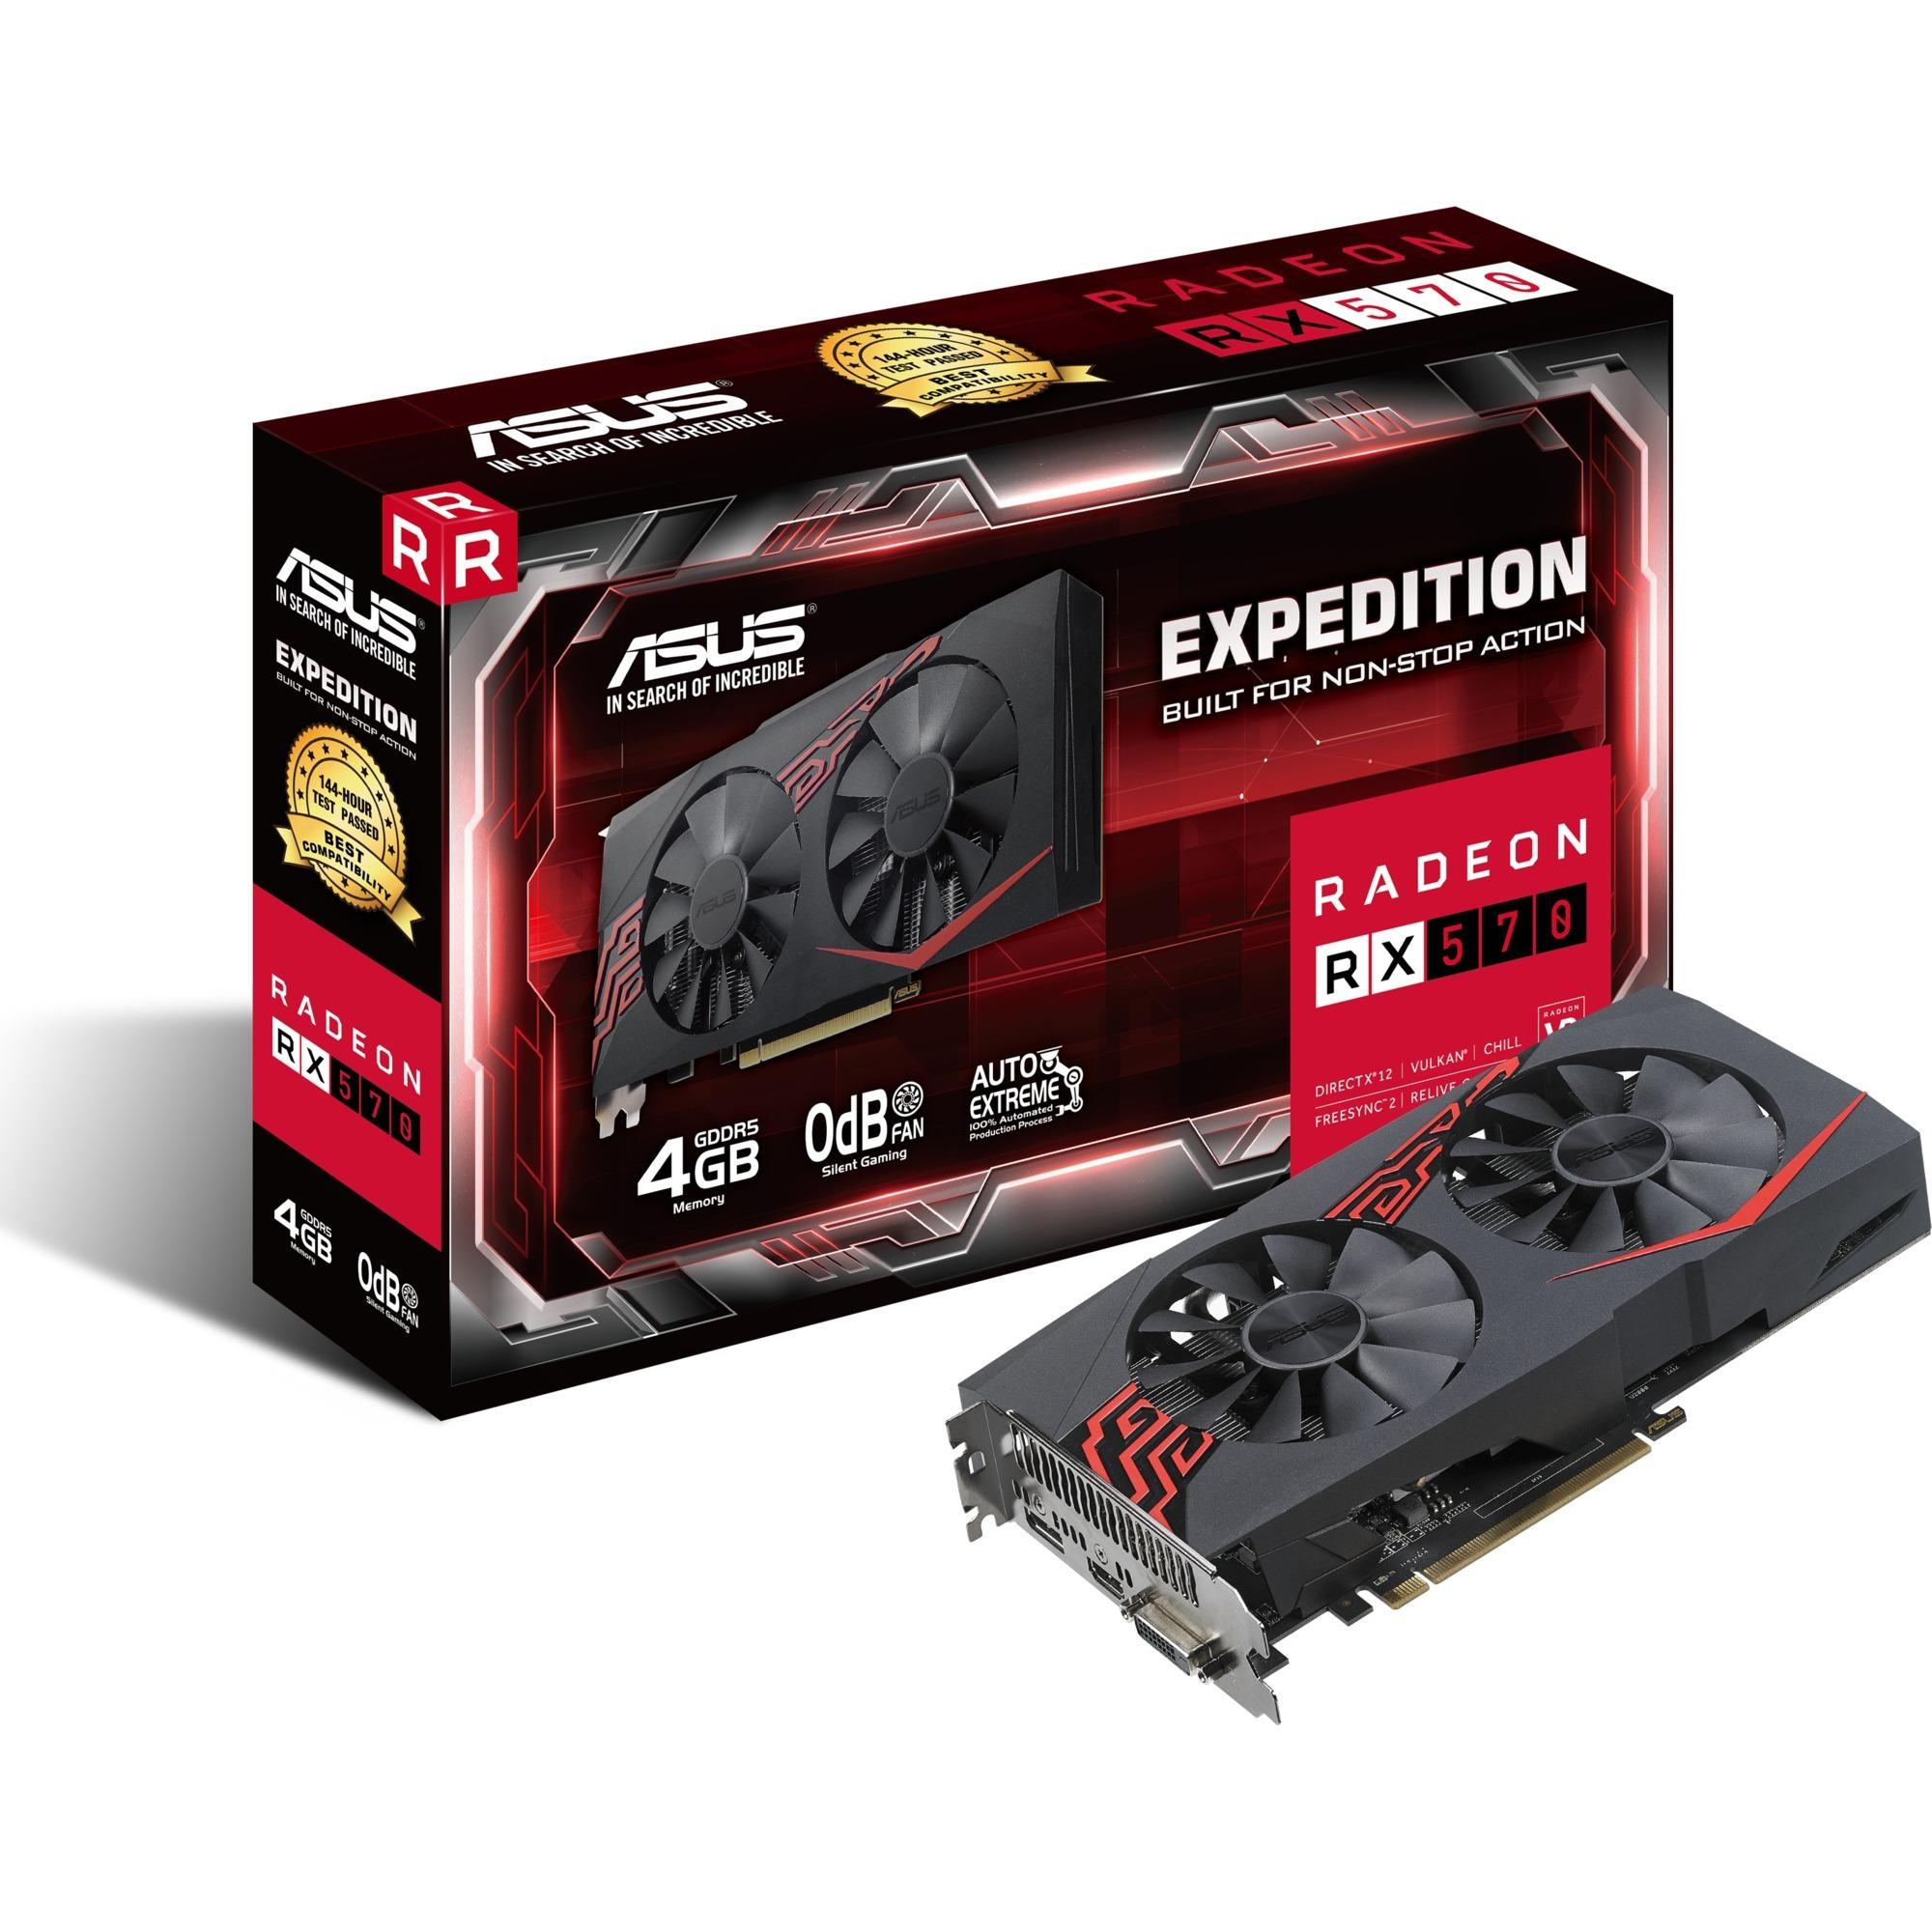 Expedition Radeon RX 570 4Go, Carte graphique